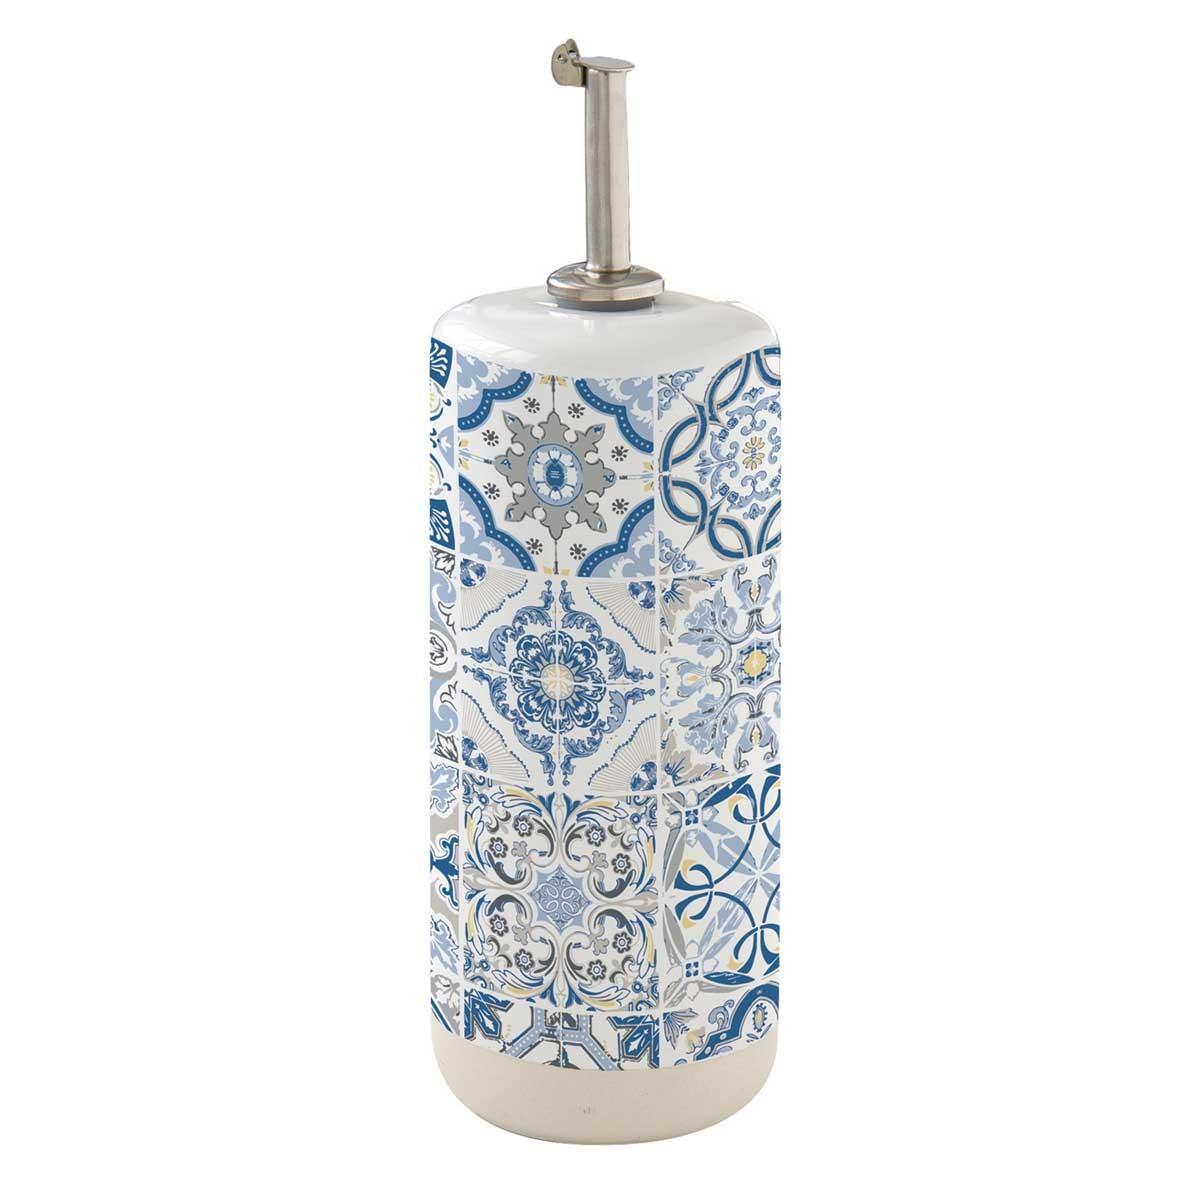 Μπουκάλι Για Λάδι/Ξύδι Marva Casadecor Blue 1664CΑDΒ home   κουζίνα   τραπεζαρία   επιτραπέζια είδη